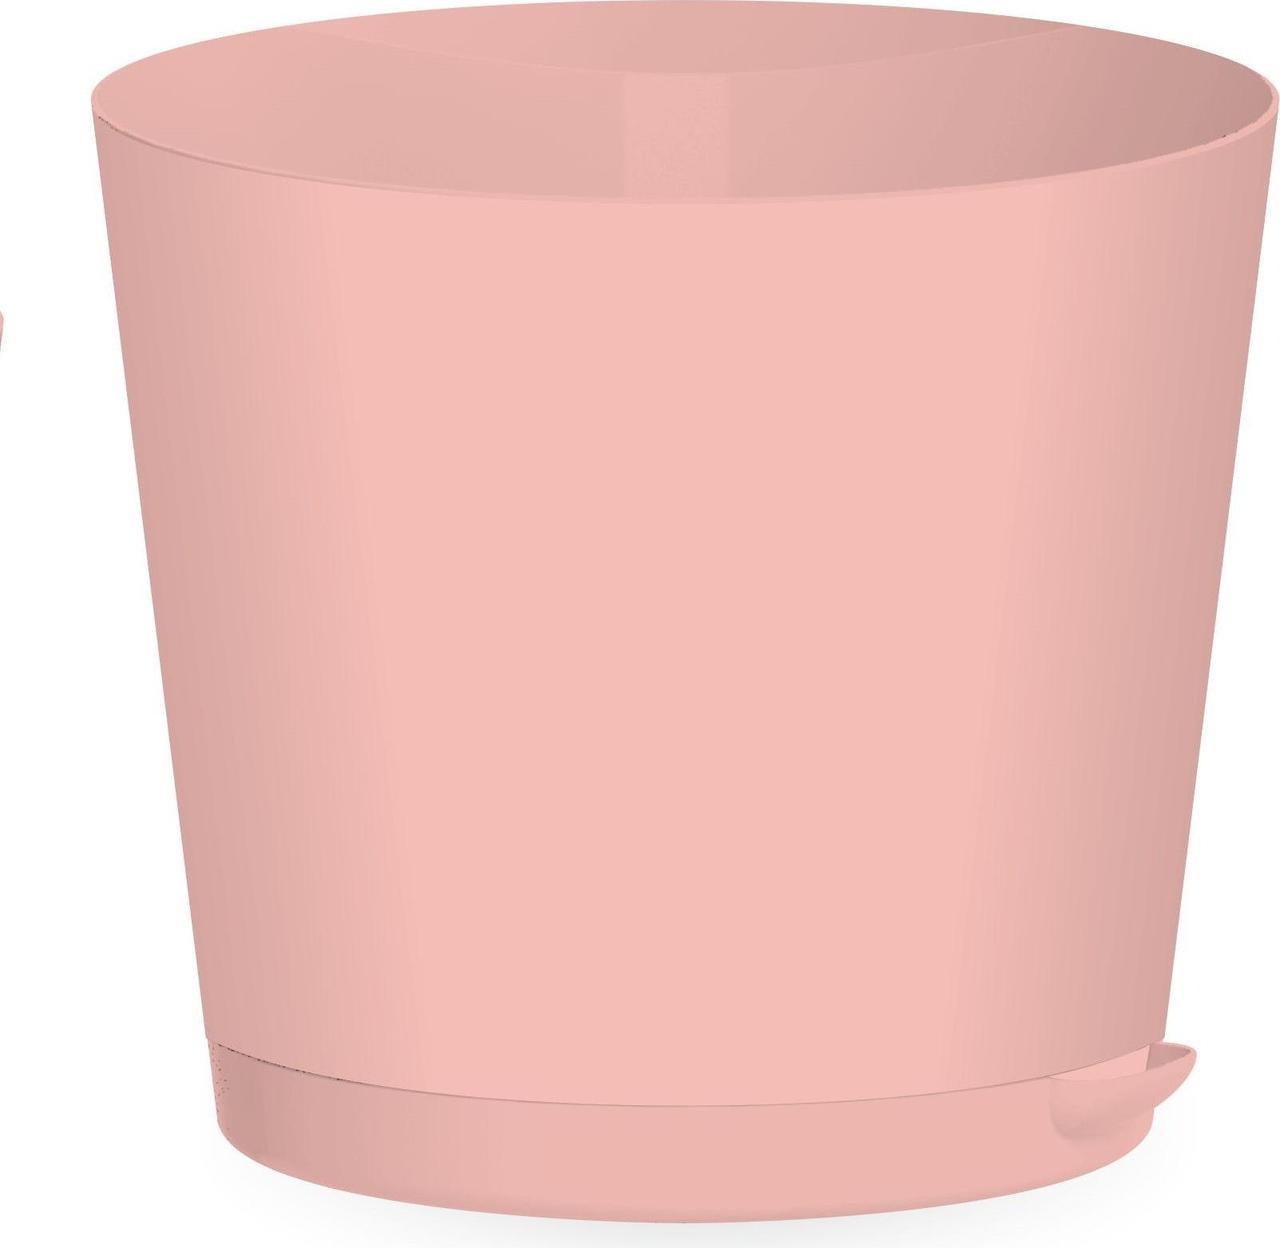 Горшок для цветов Easy Grow D 200 с прикорневым поливом 4 л английская роза